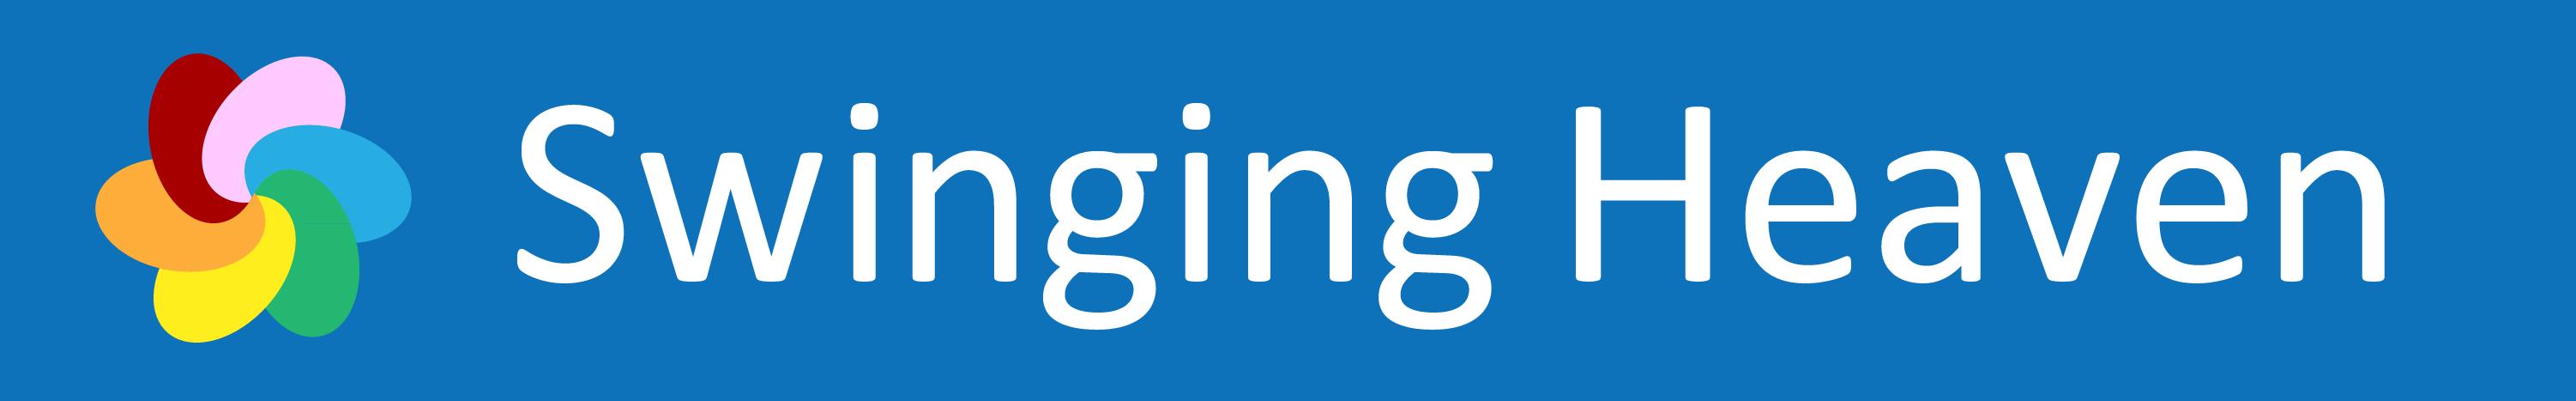 Swinging Heaven Logo